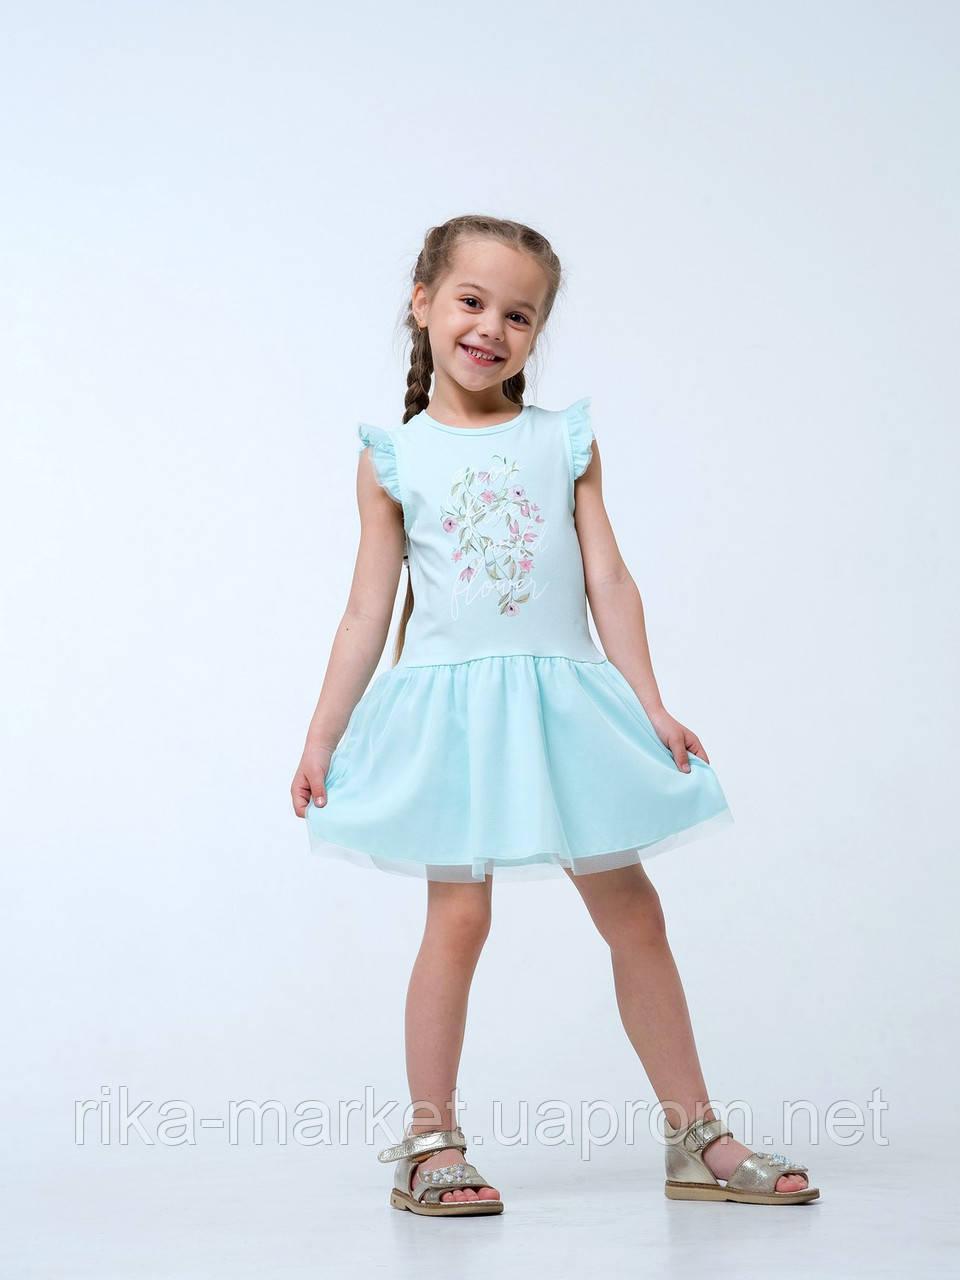 Сарафан-платье для девочки, Смил, от 2 до 6 лет, 120245